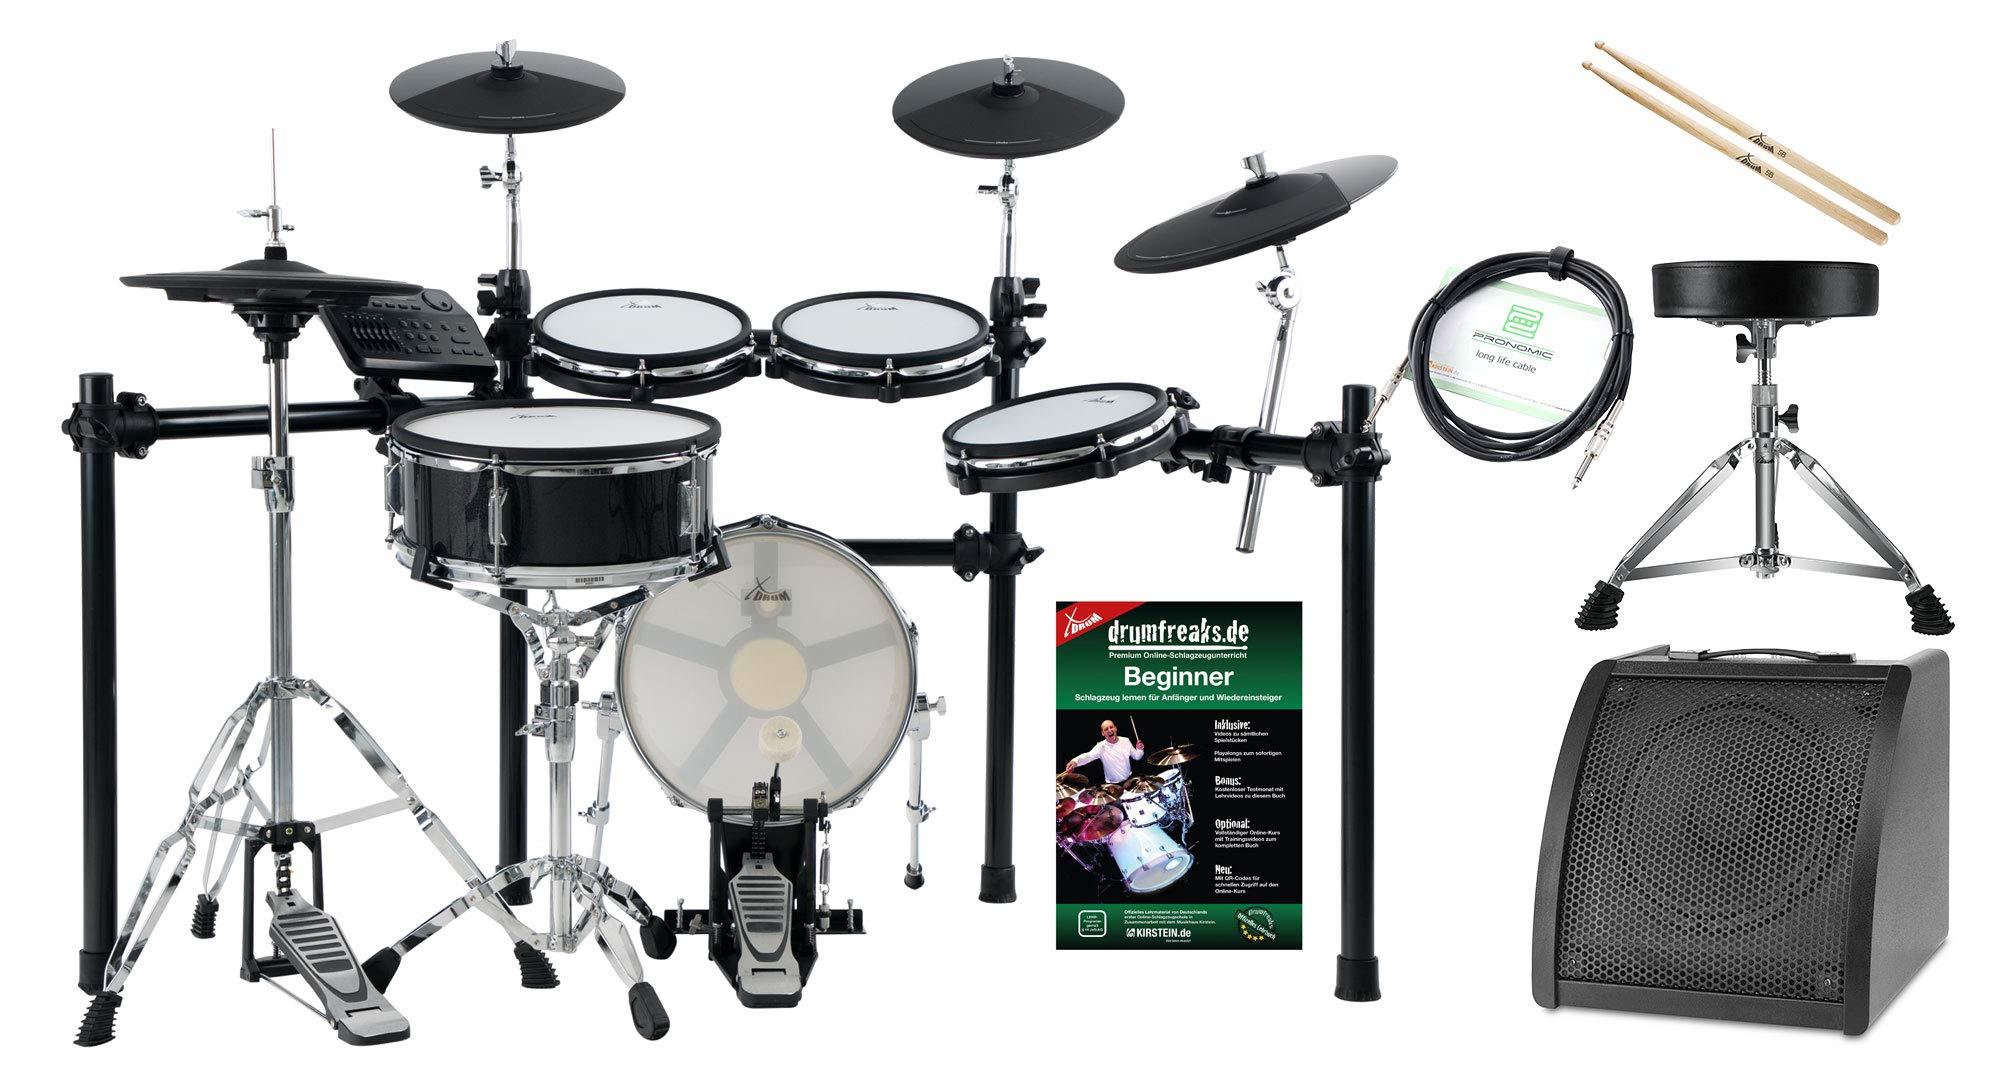 XDrum DD-650 Mesh - Batería electrónica con HiHat (14 pulgadas, base de caja y almohadilla de madera de 14 pulgadas, incluye rack, taburete, monitor, cables y baquetas), color negro: Amazon.es: Instrumentos musicales